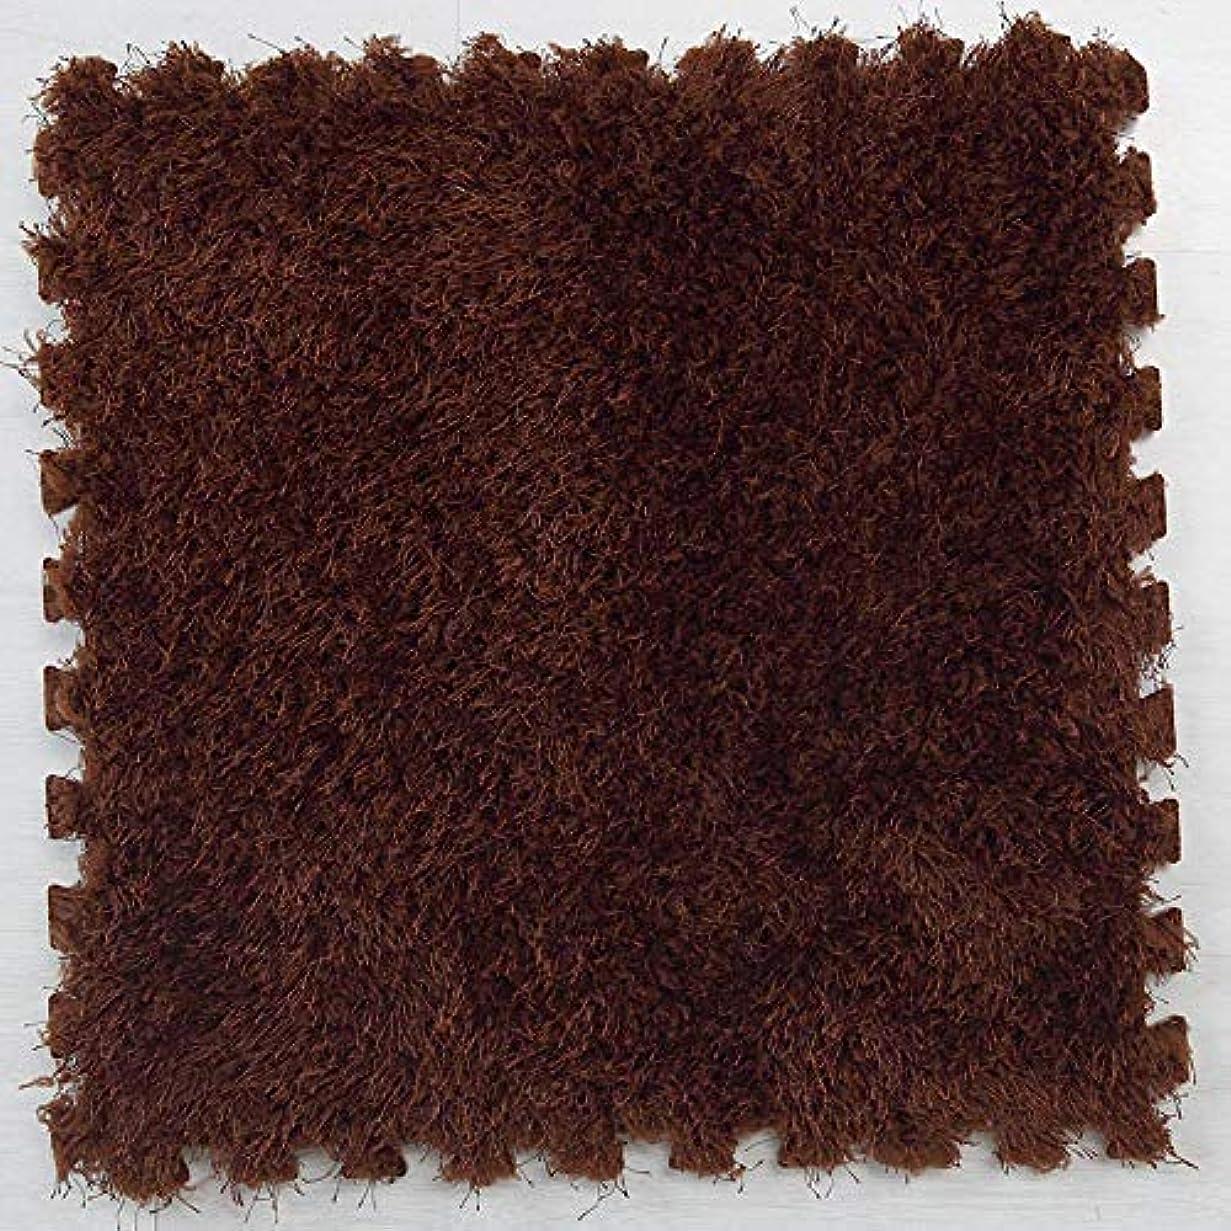 有能なキッチン出費ジョイントマット パズルマット 大判 30×30×1.0cm 10枚 カラー ズレない 子供部屋 衝撃を吸収し 洗える おくだけ吸着 防音 タイルカーペット 軽量 抗菌?防ダニ加工 ベビー 赤ちゃん 床暖房対応 ブラウン